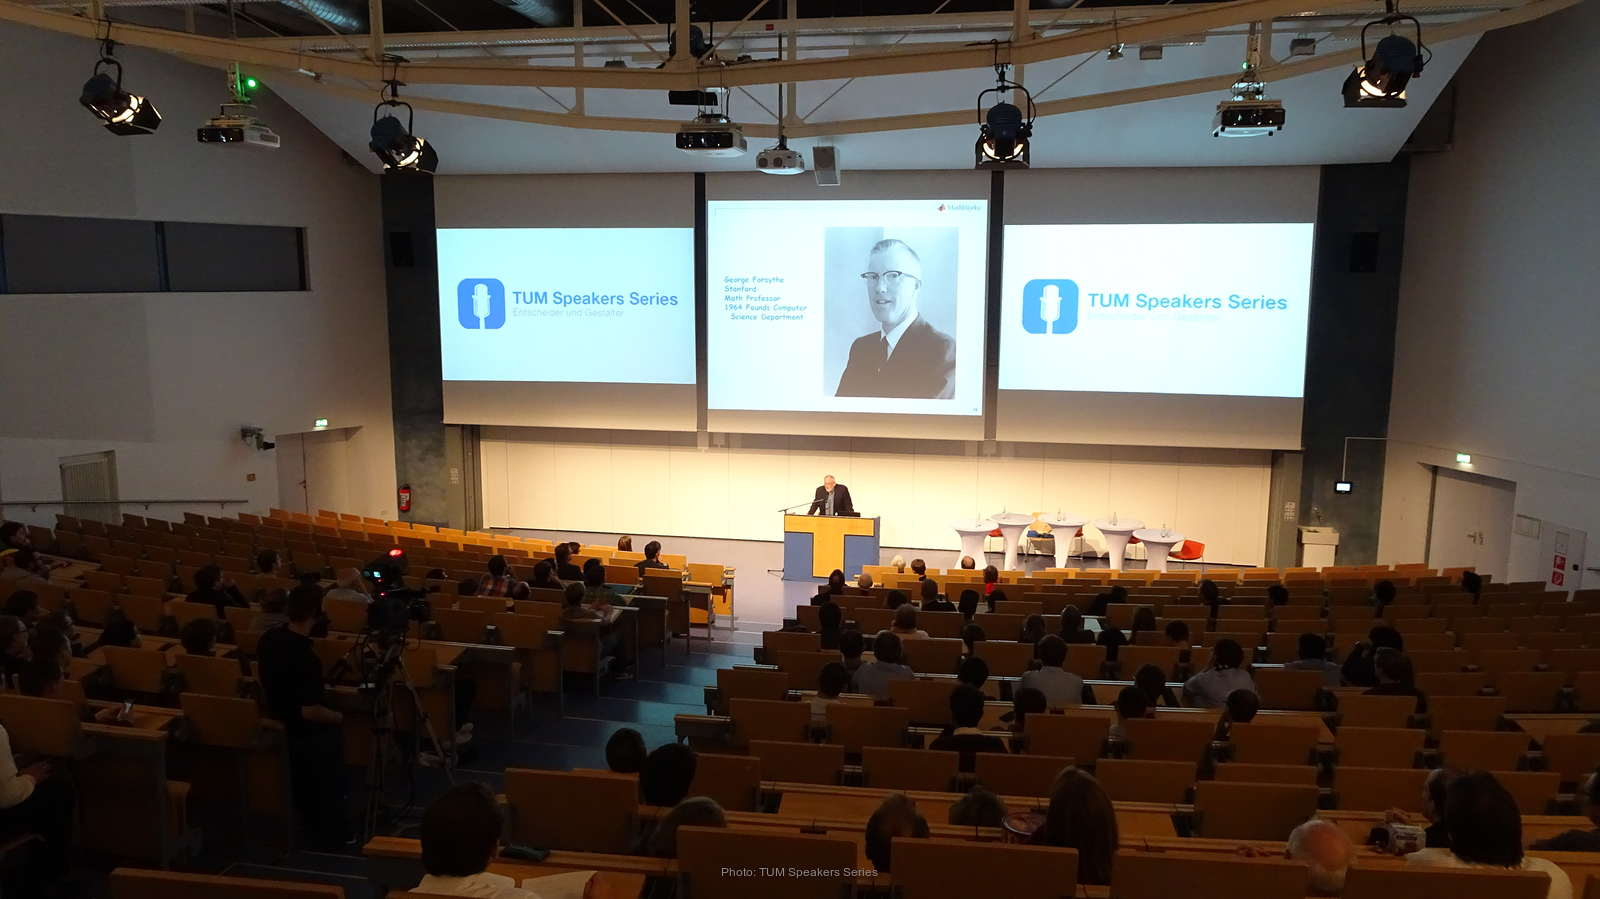 Wissenschaftlicher Vortrag Was Ist Wichtig Dr Joachim Schlosser